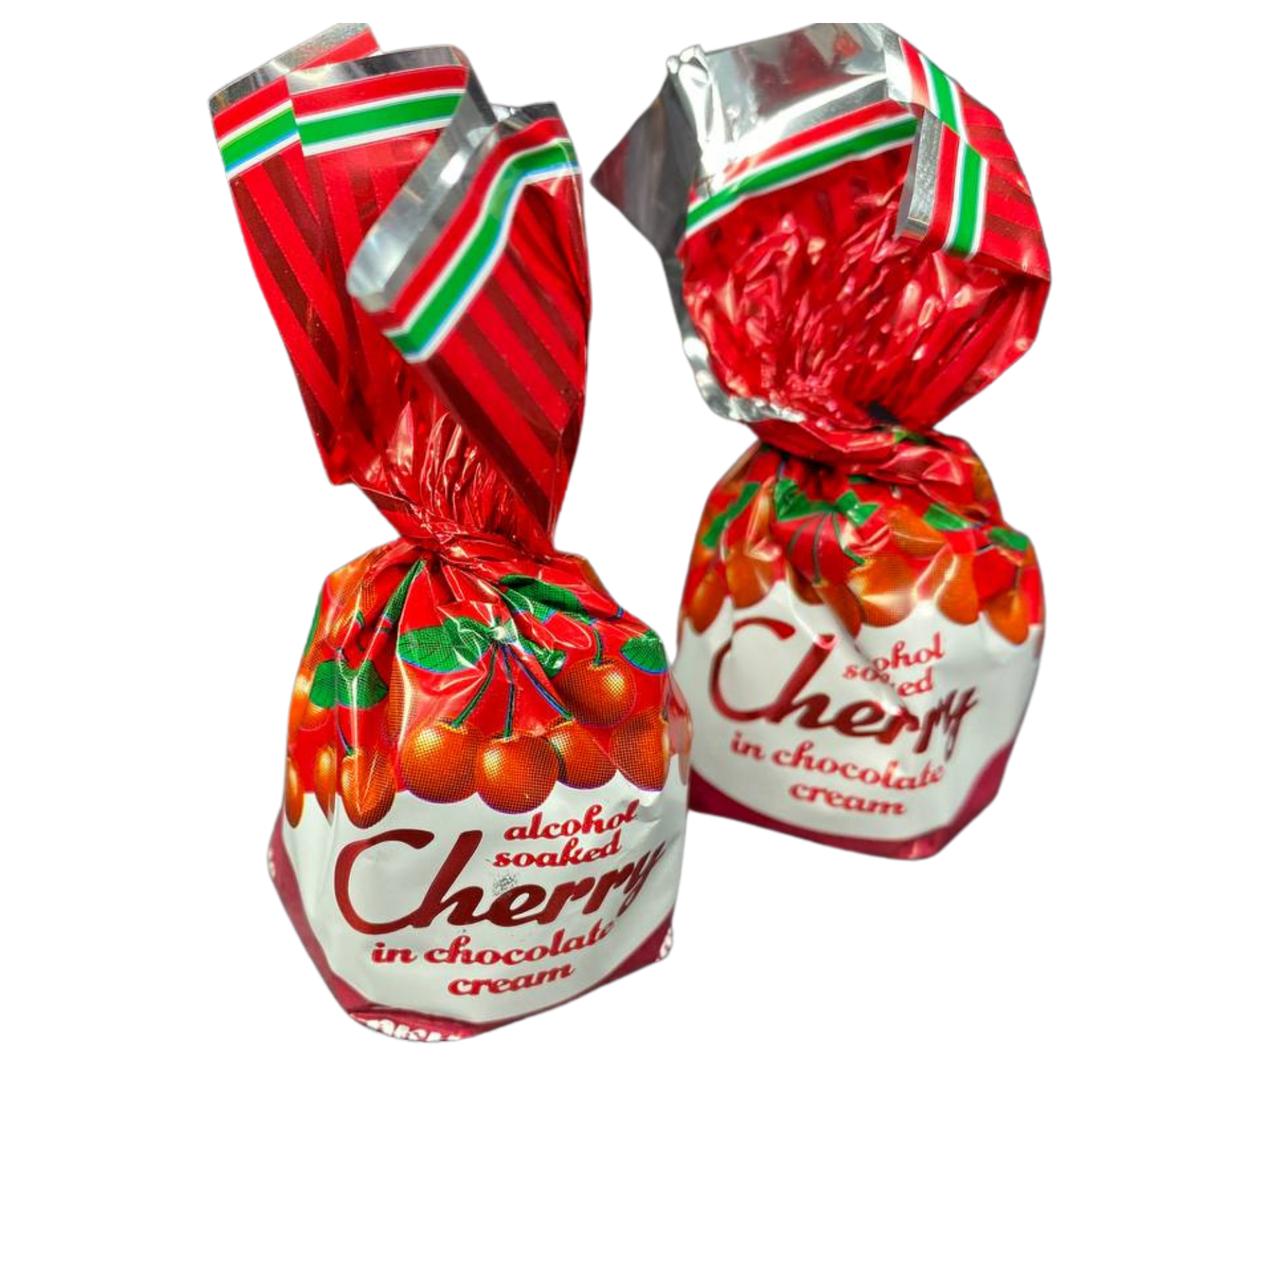 Конфеты Вишня заспиртованая в шоколадном креме 3кг. ТМ ХБФ